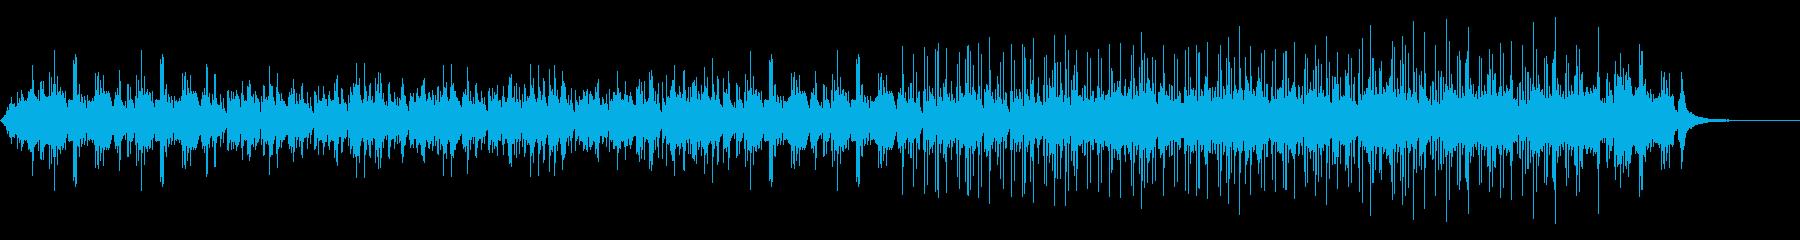 神秘的なピアノ曲の再生済みの波形